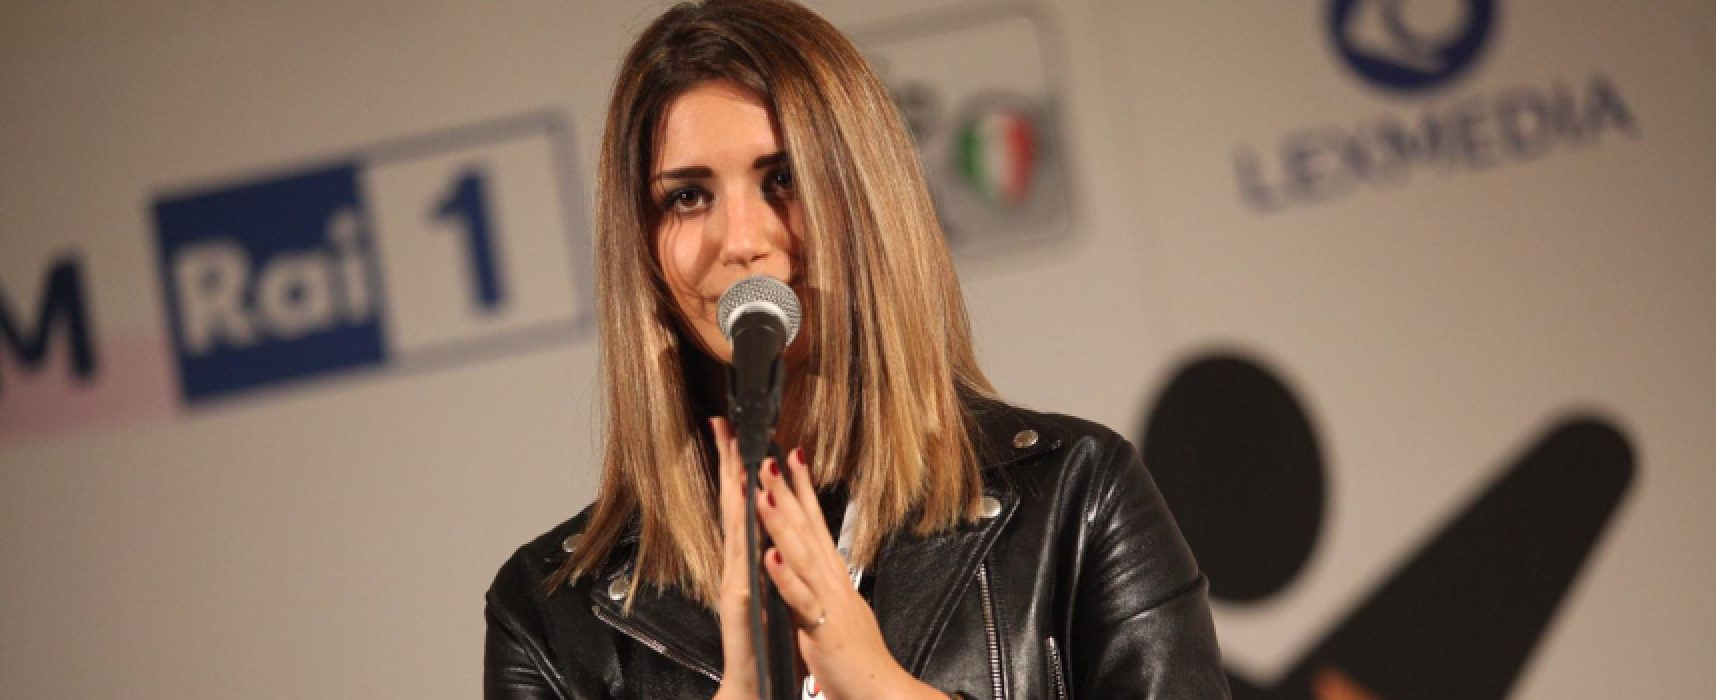 """La cantante biscegliese Sarah Di Pinto interpreta """"Almeno tu nell'universo"""" / VIDEO"""